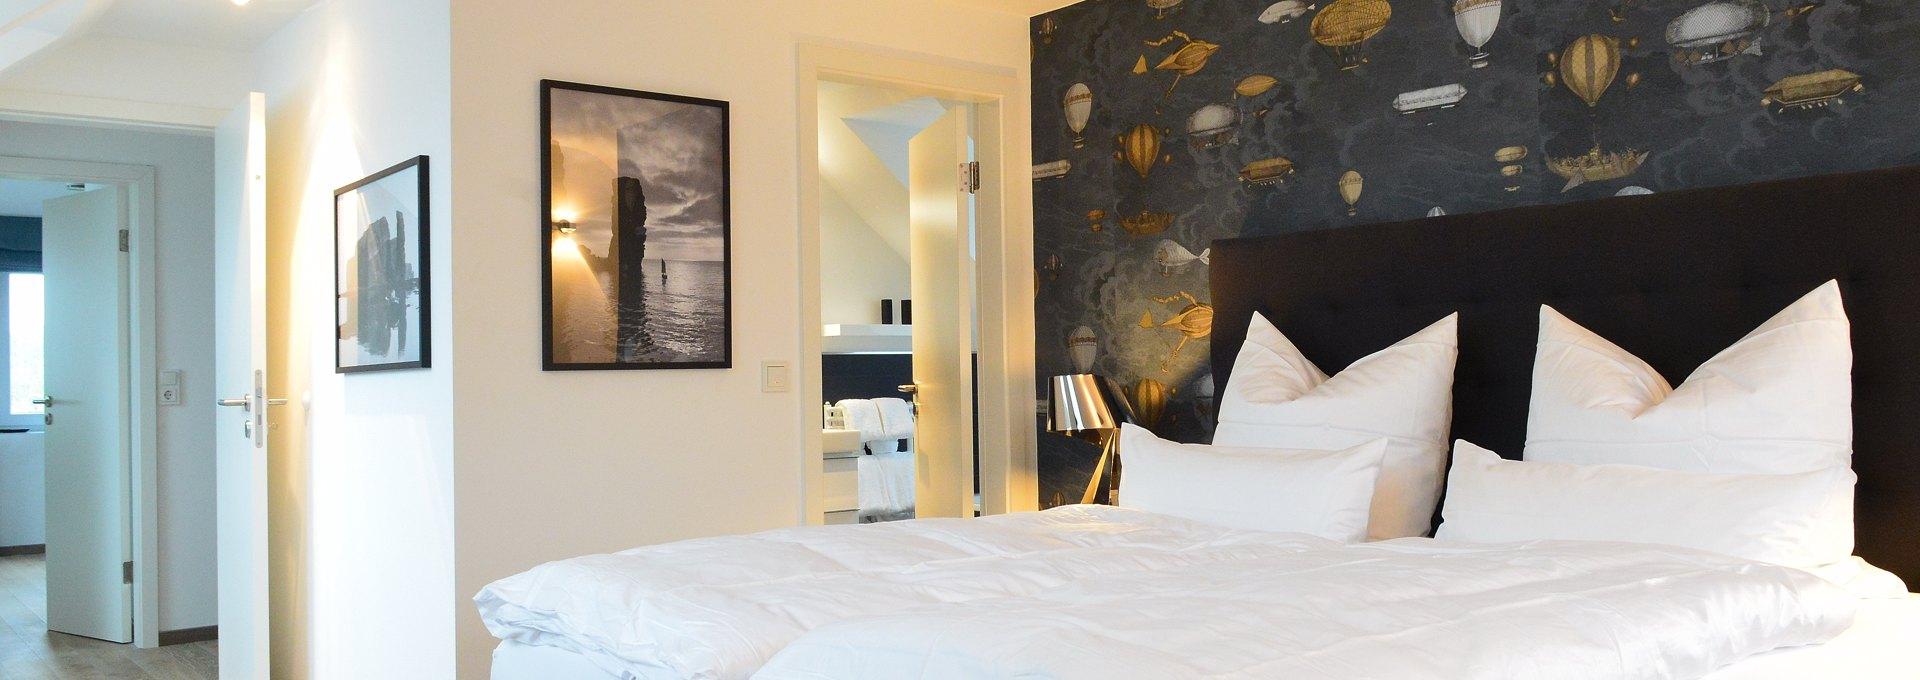 Sathurn Schlafzimmer